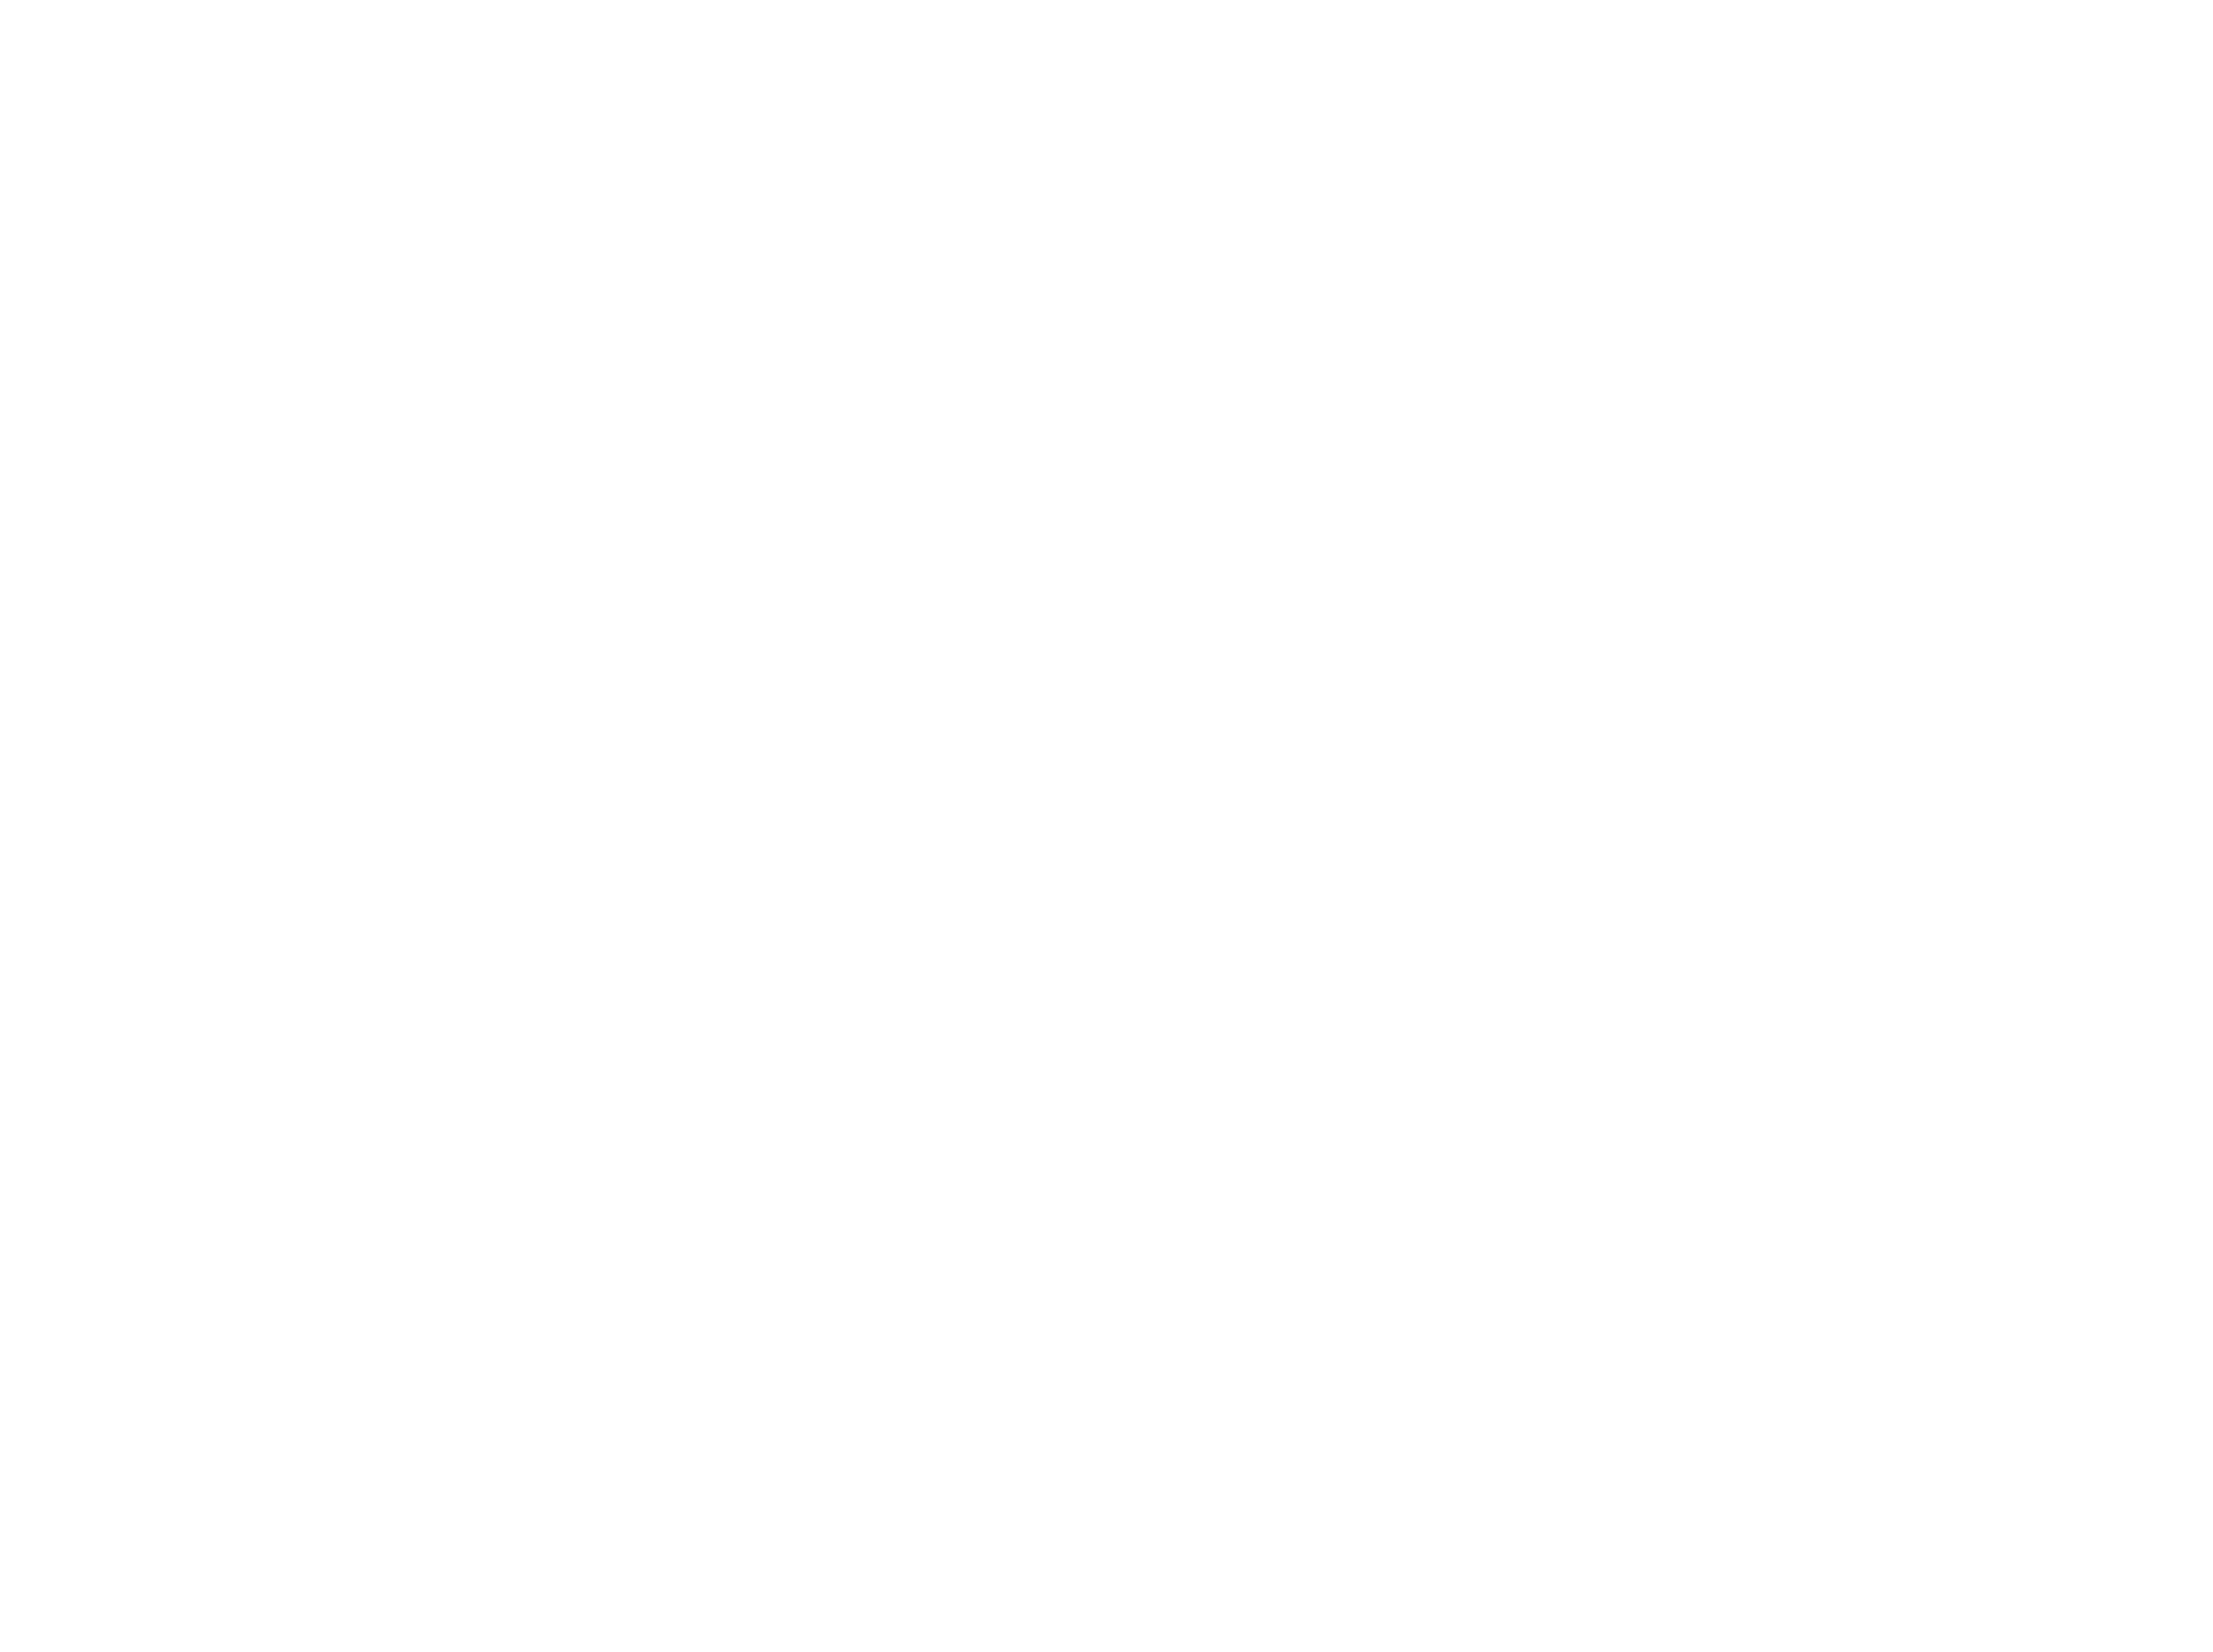 Botellas agua solarizada